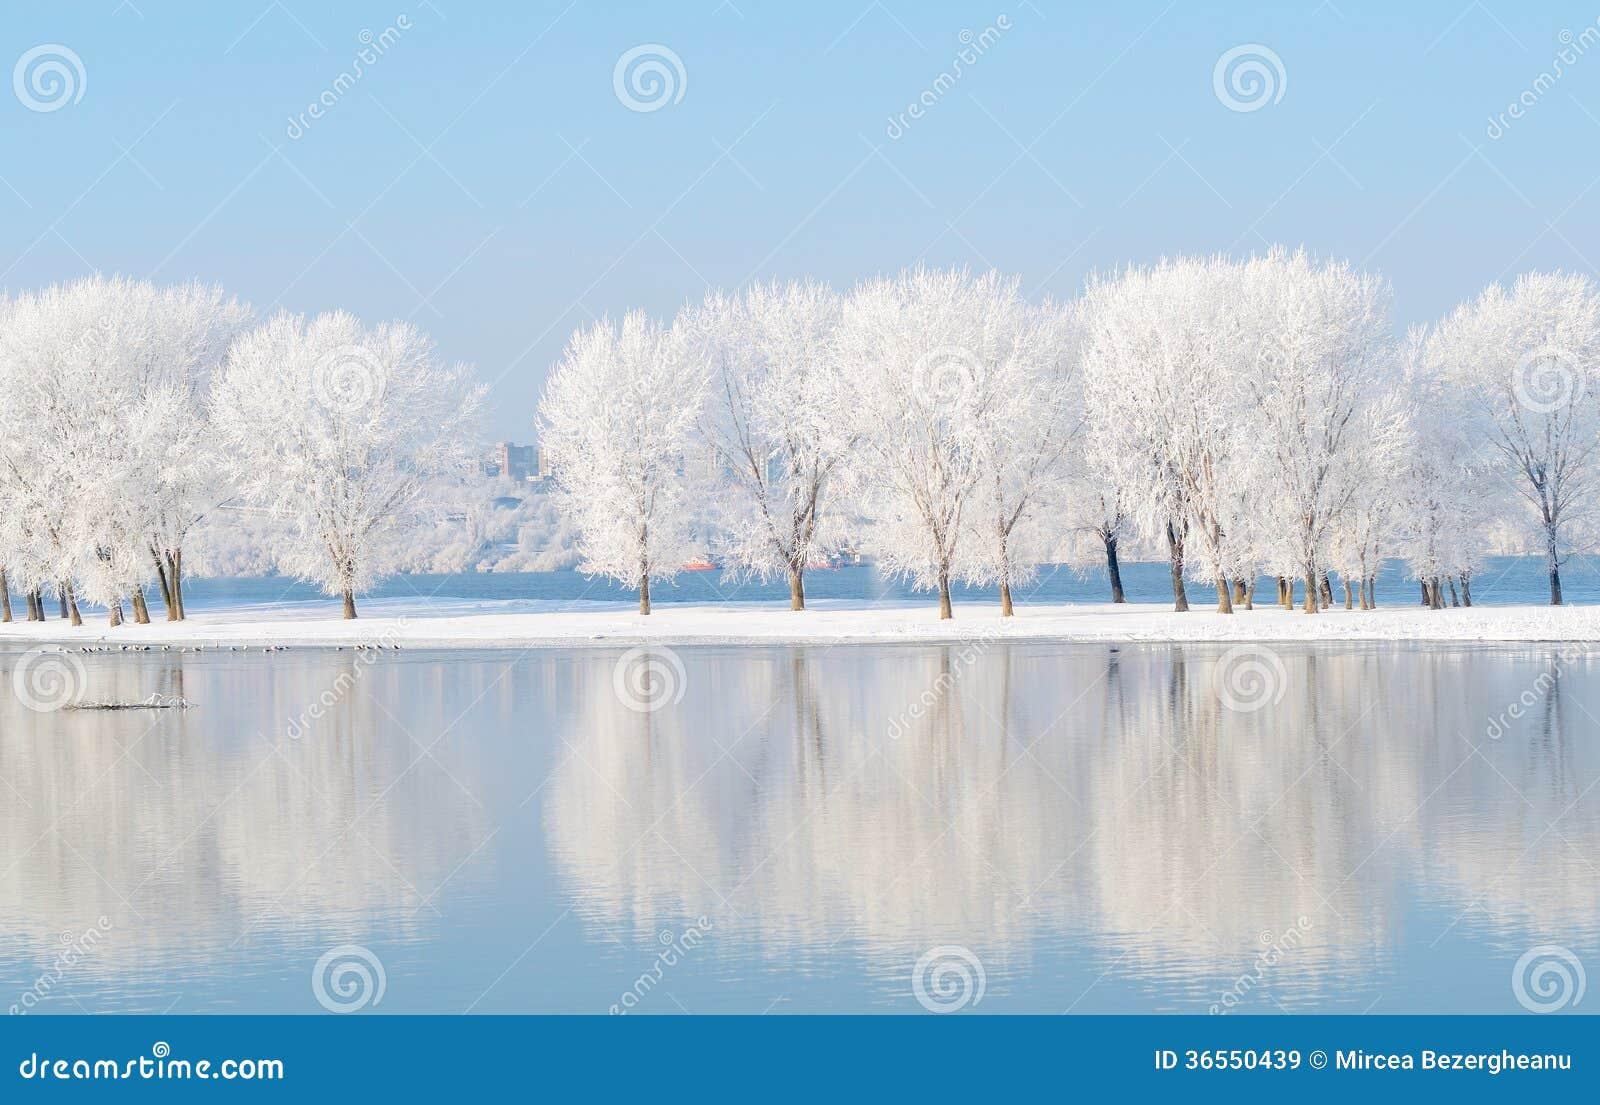 Paysage d hiver avec la réflexion dans l eau